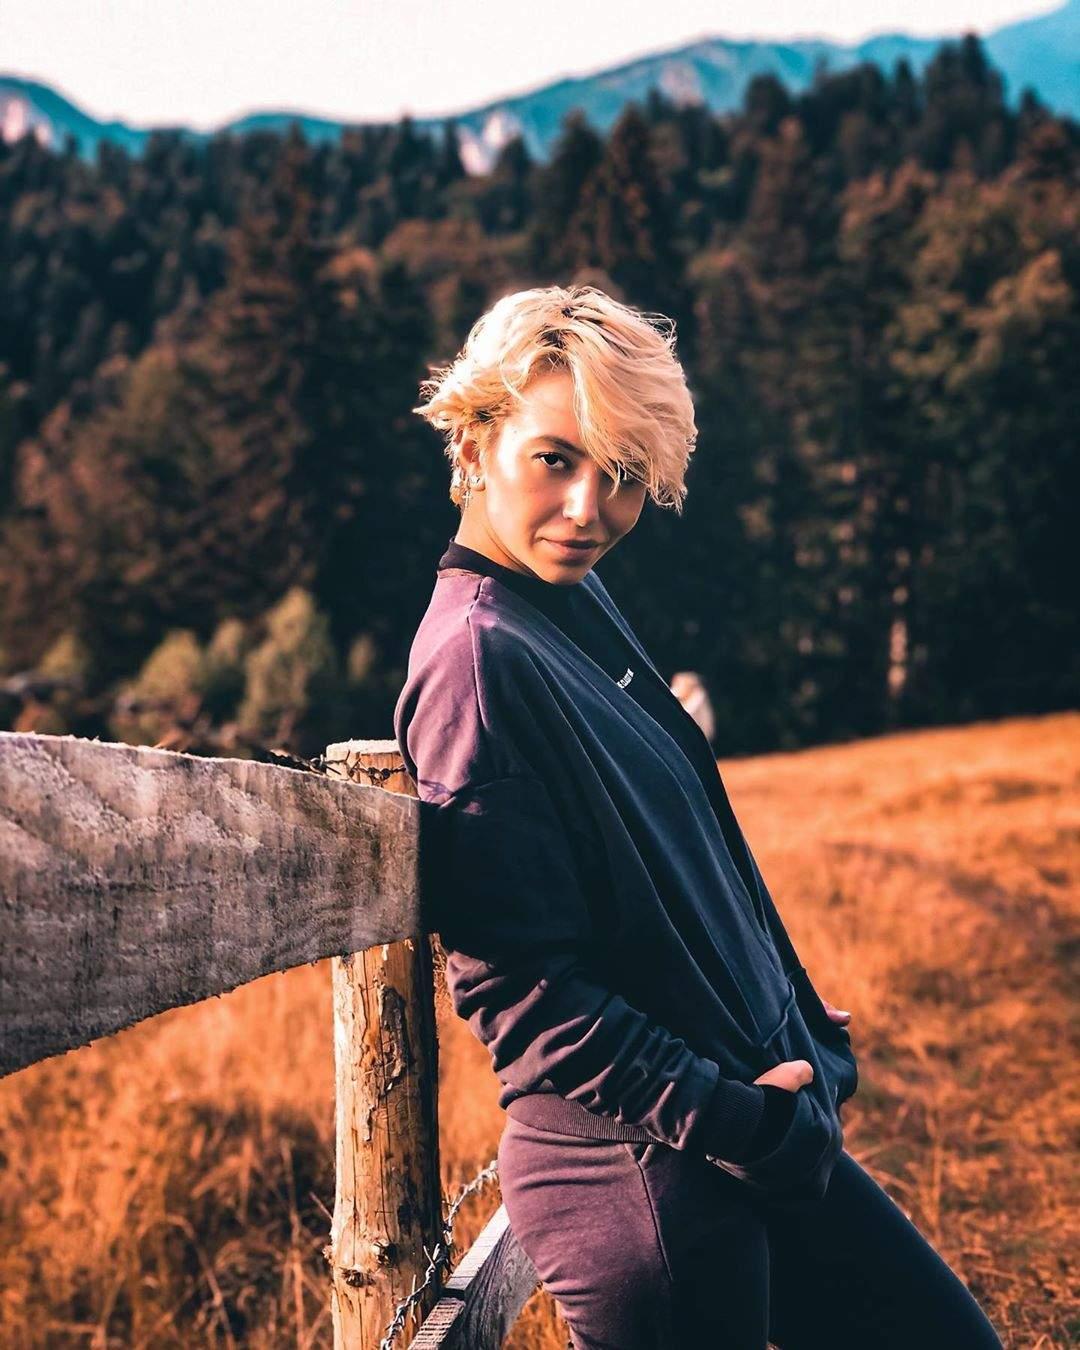 Giulia Anghelescu, extrem de seriosă, s-a fotografiat într-un câmp, toată îmbrăcată în negru